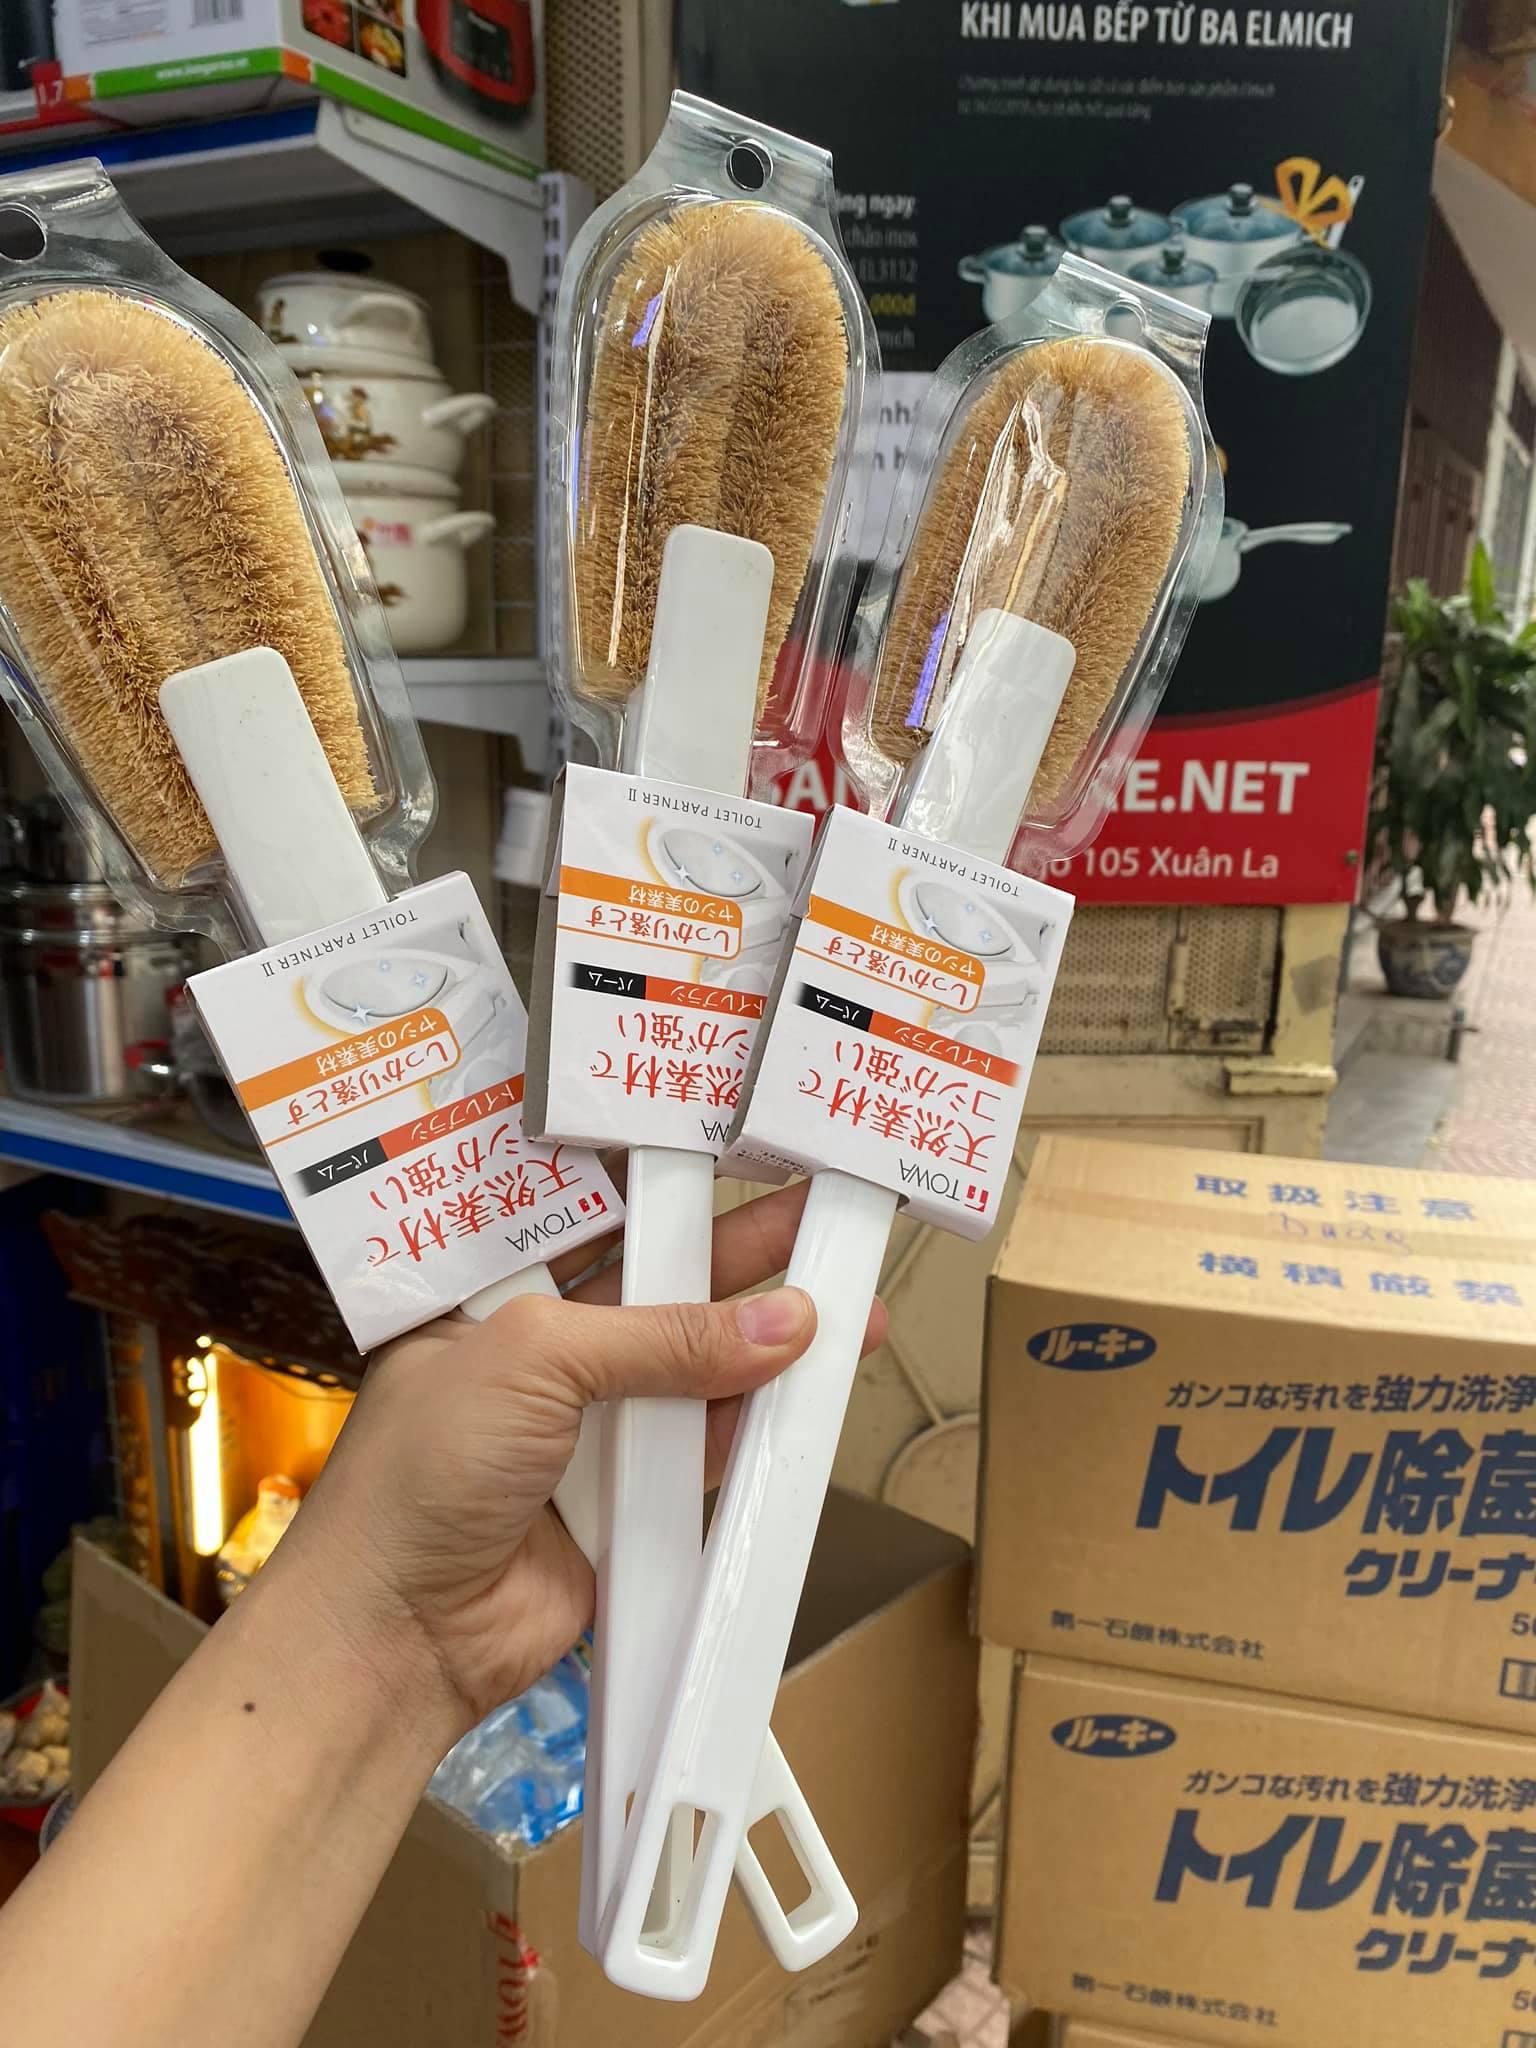 Chổi cọ toilet làm từ xơ dừa Hàng Towa Nhật Bản sản xuất Việt Nam